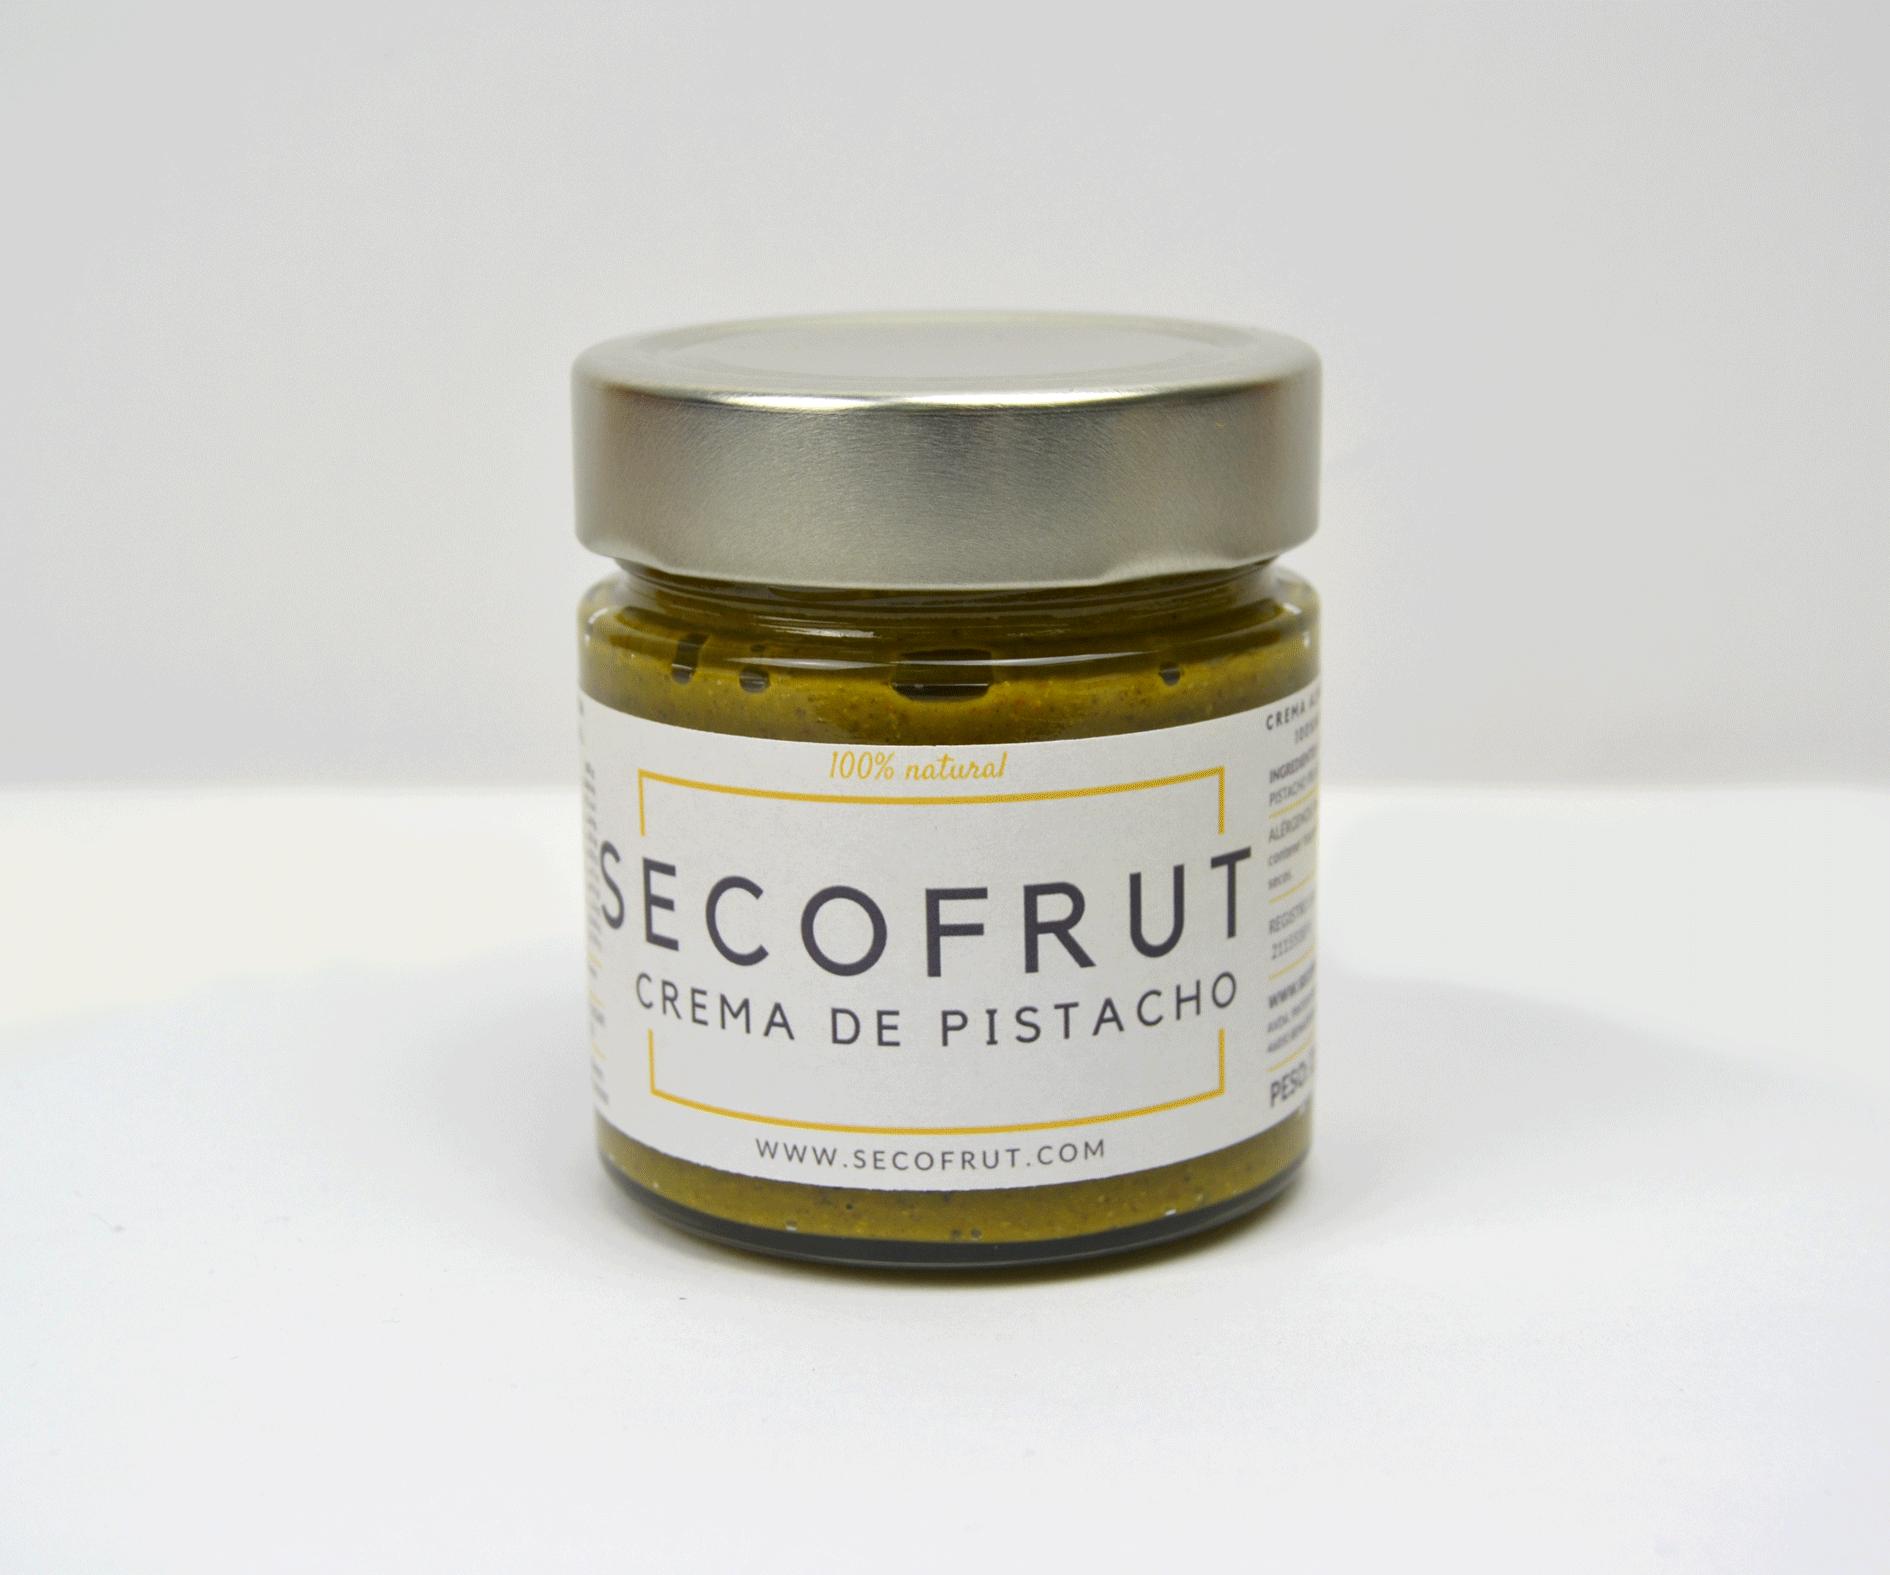 Crema de pistacho en nuestra tienda online de frutos secos secofrut.com